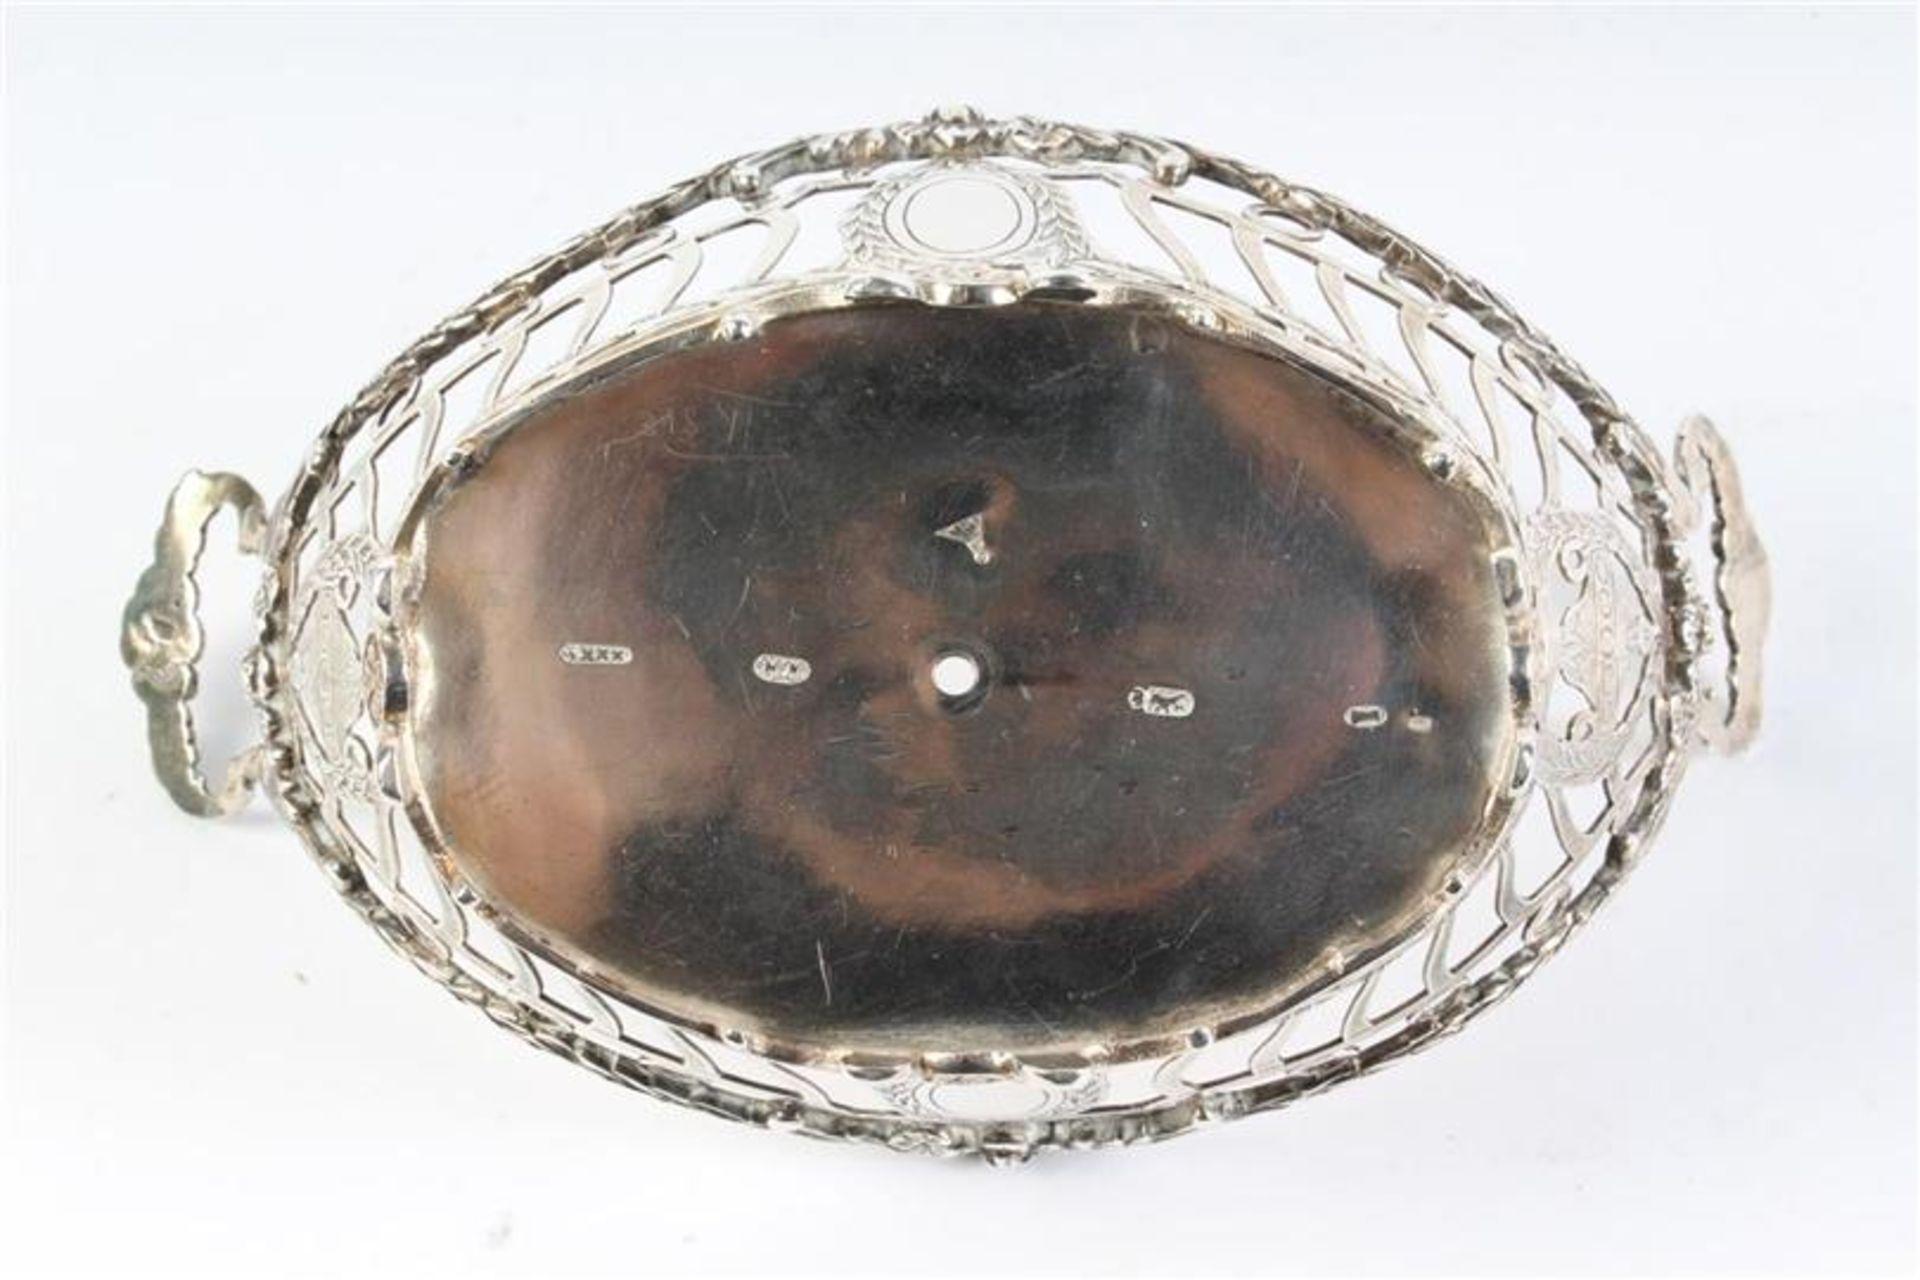 Zilveren mandje, ajour met guirlandes, gaatje in de bodem. HxBxD: 8.5 x 17 x 10 cm. - Bild 3 aus 4